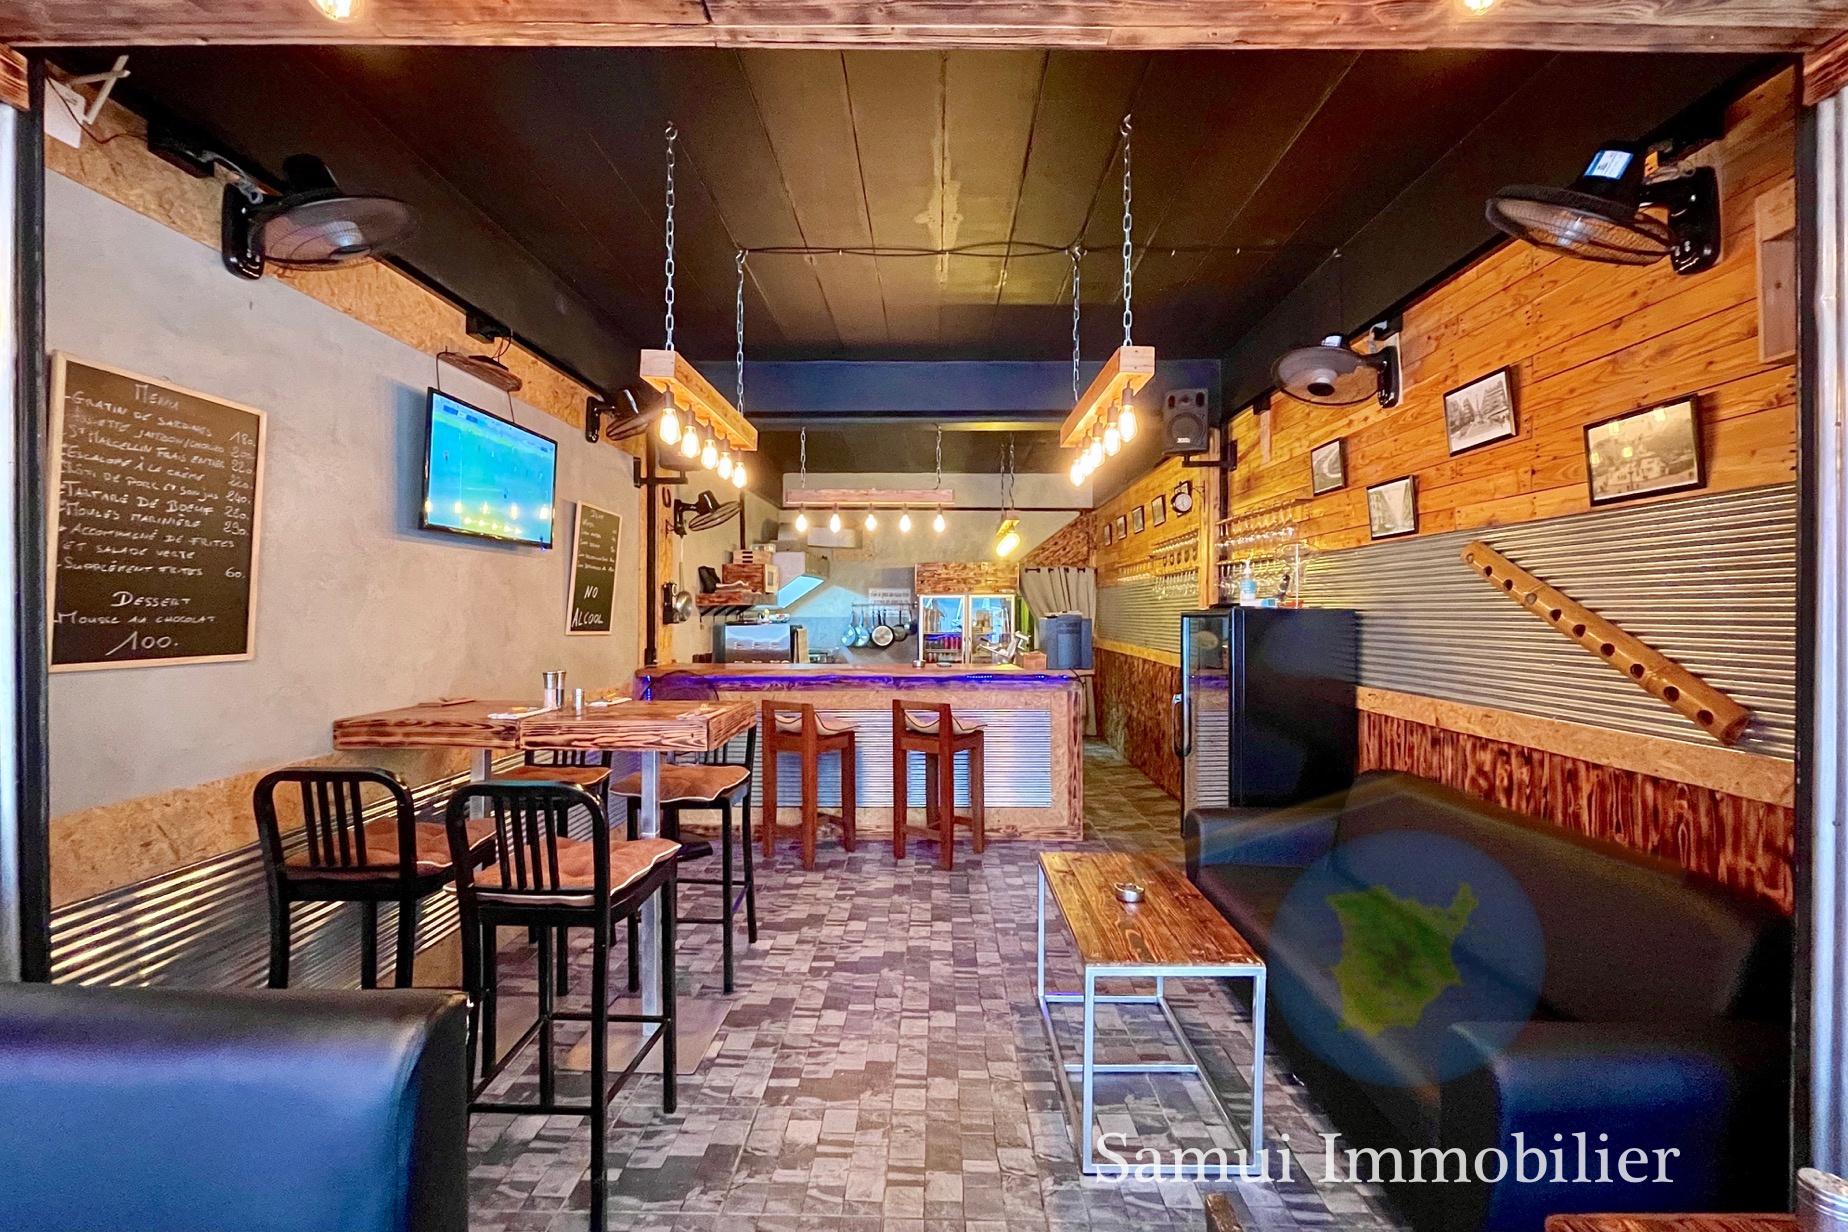 Restaurant à vendre - Lamai